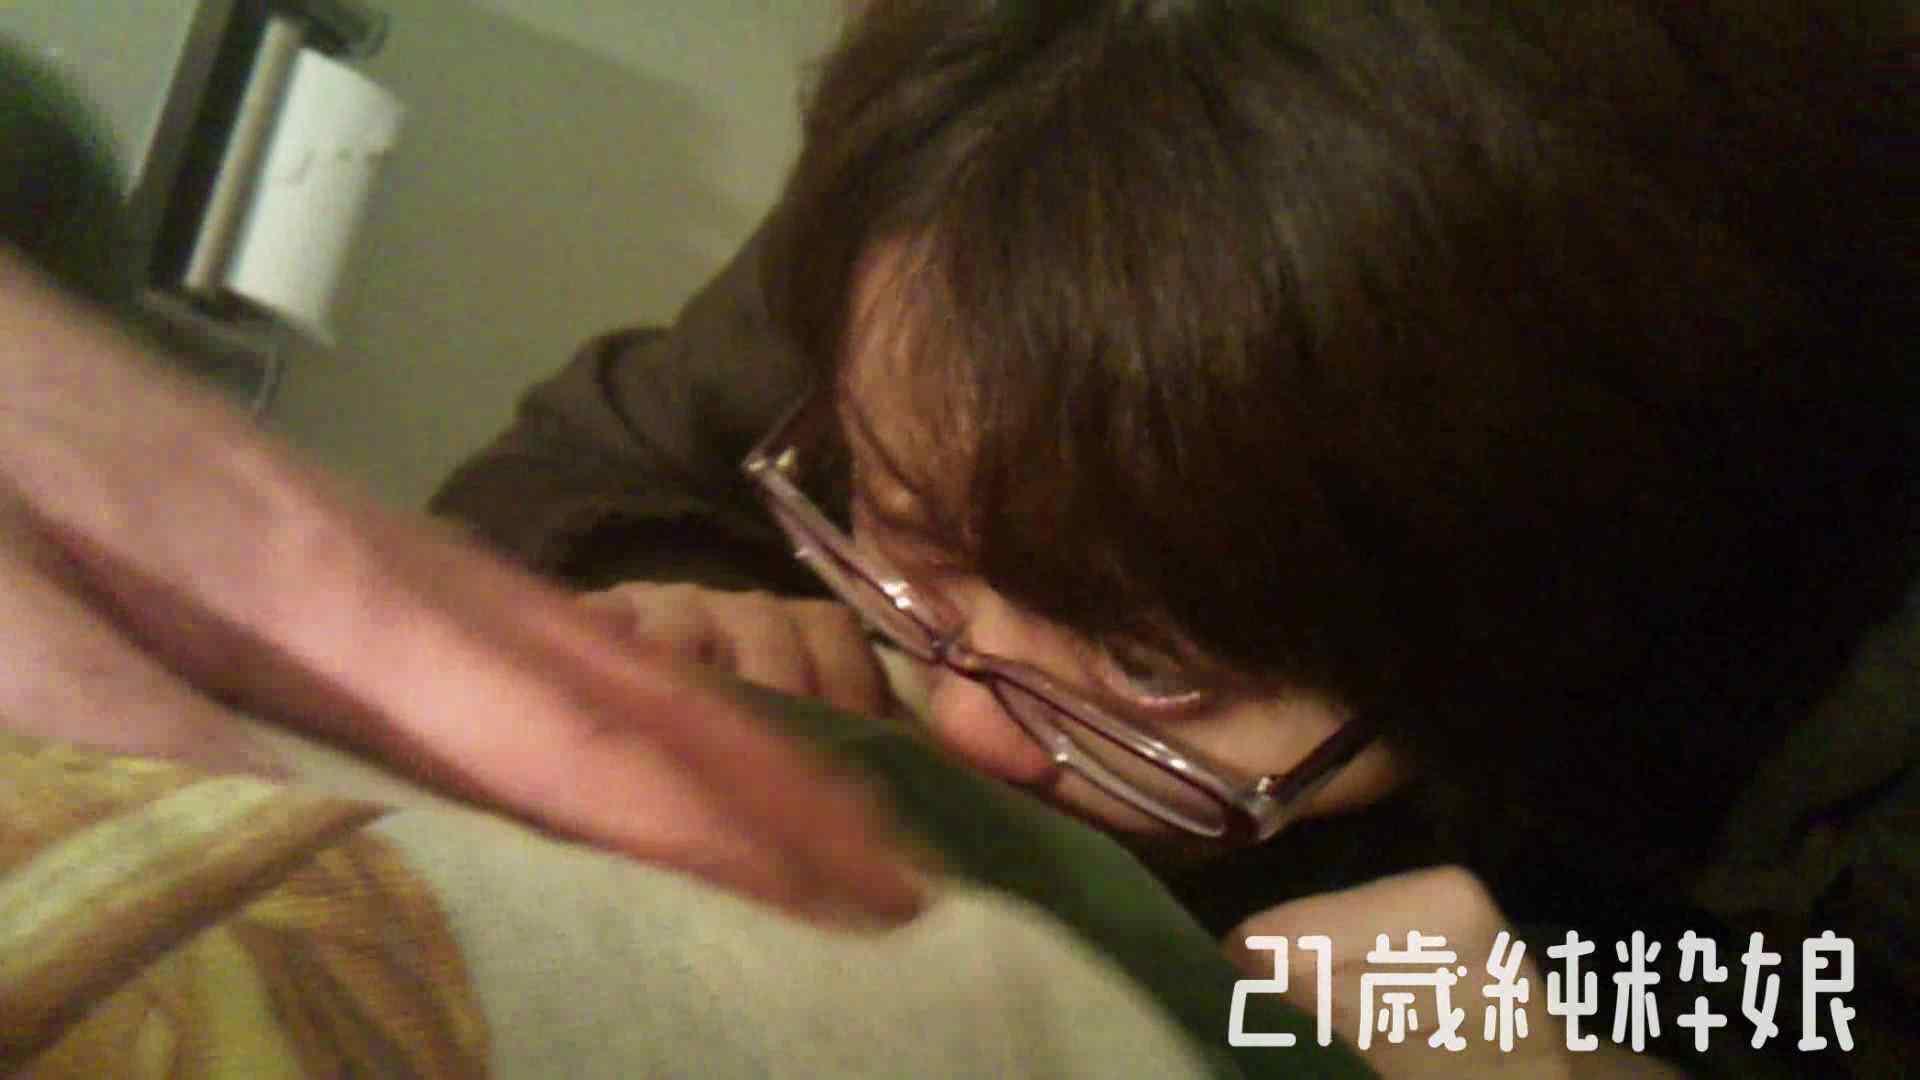 Gカップ21歳純粋嬢第2弾Vol.5 学校 | 性欲  108連発 43